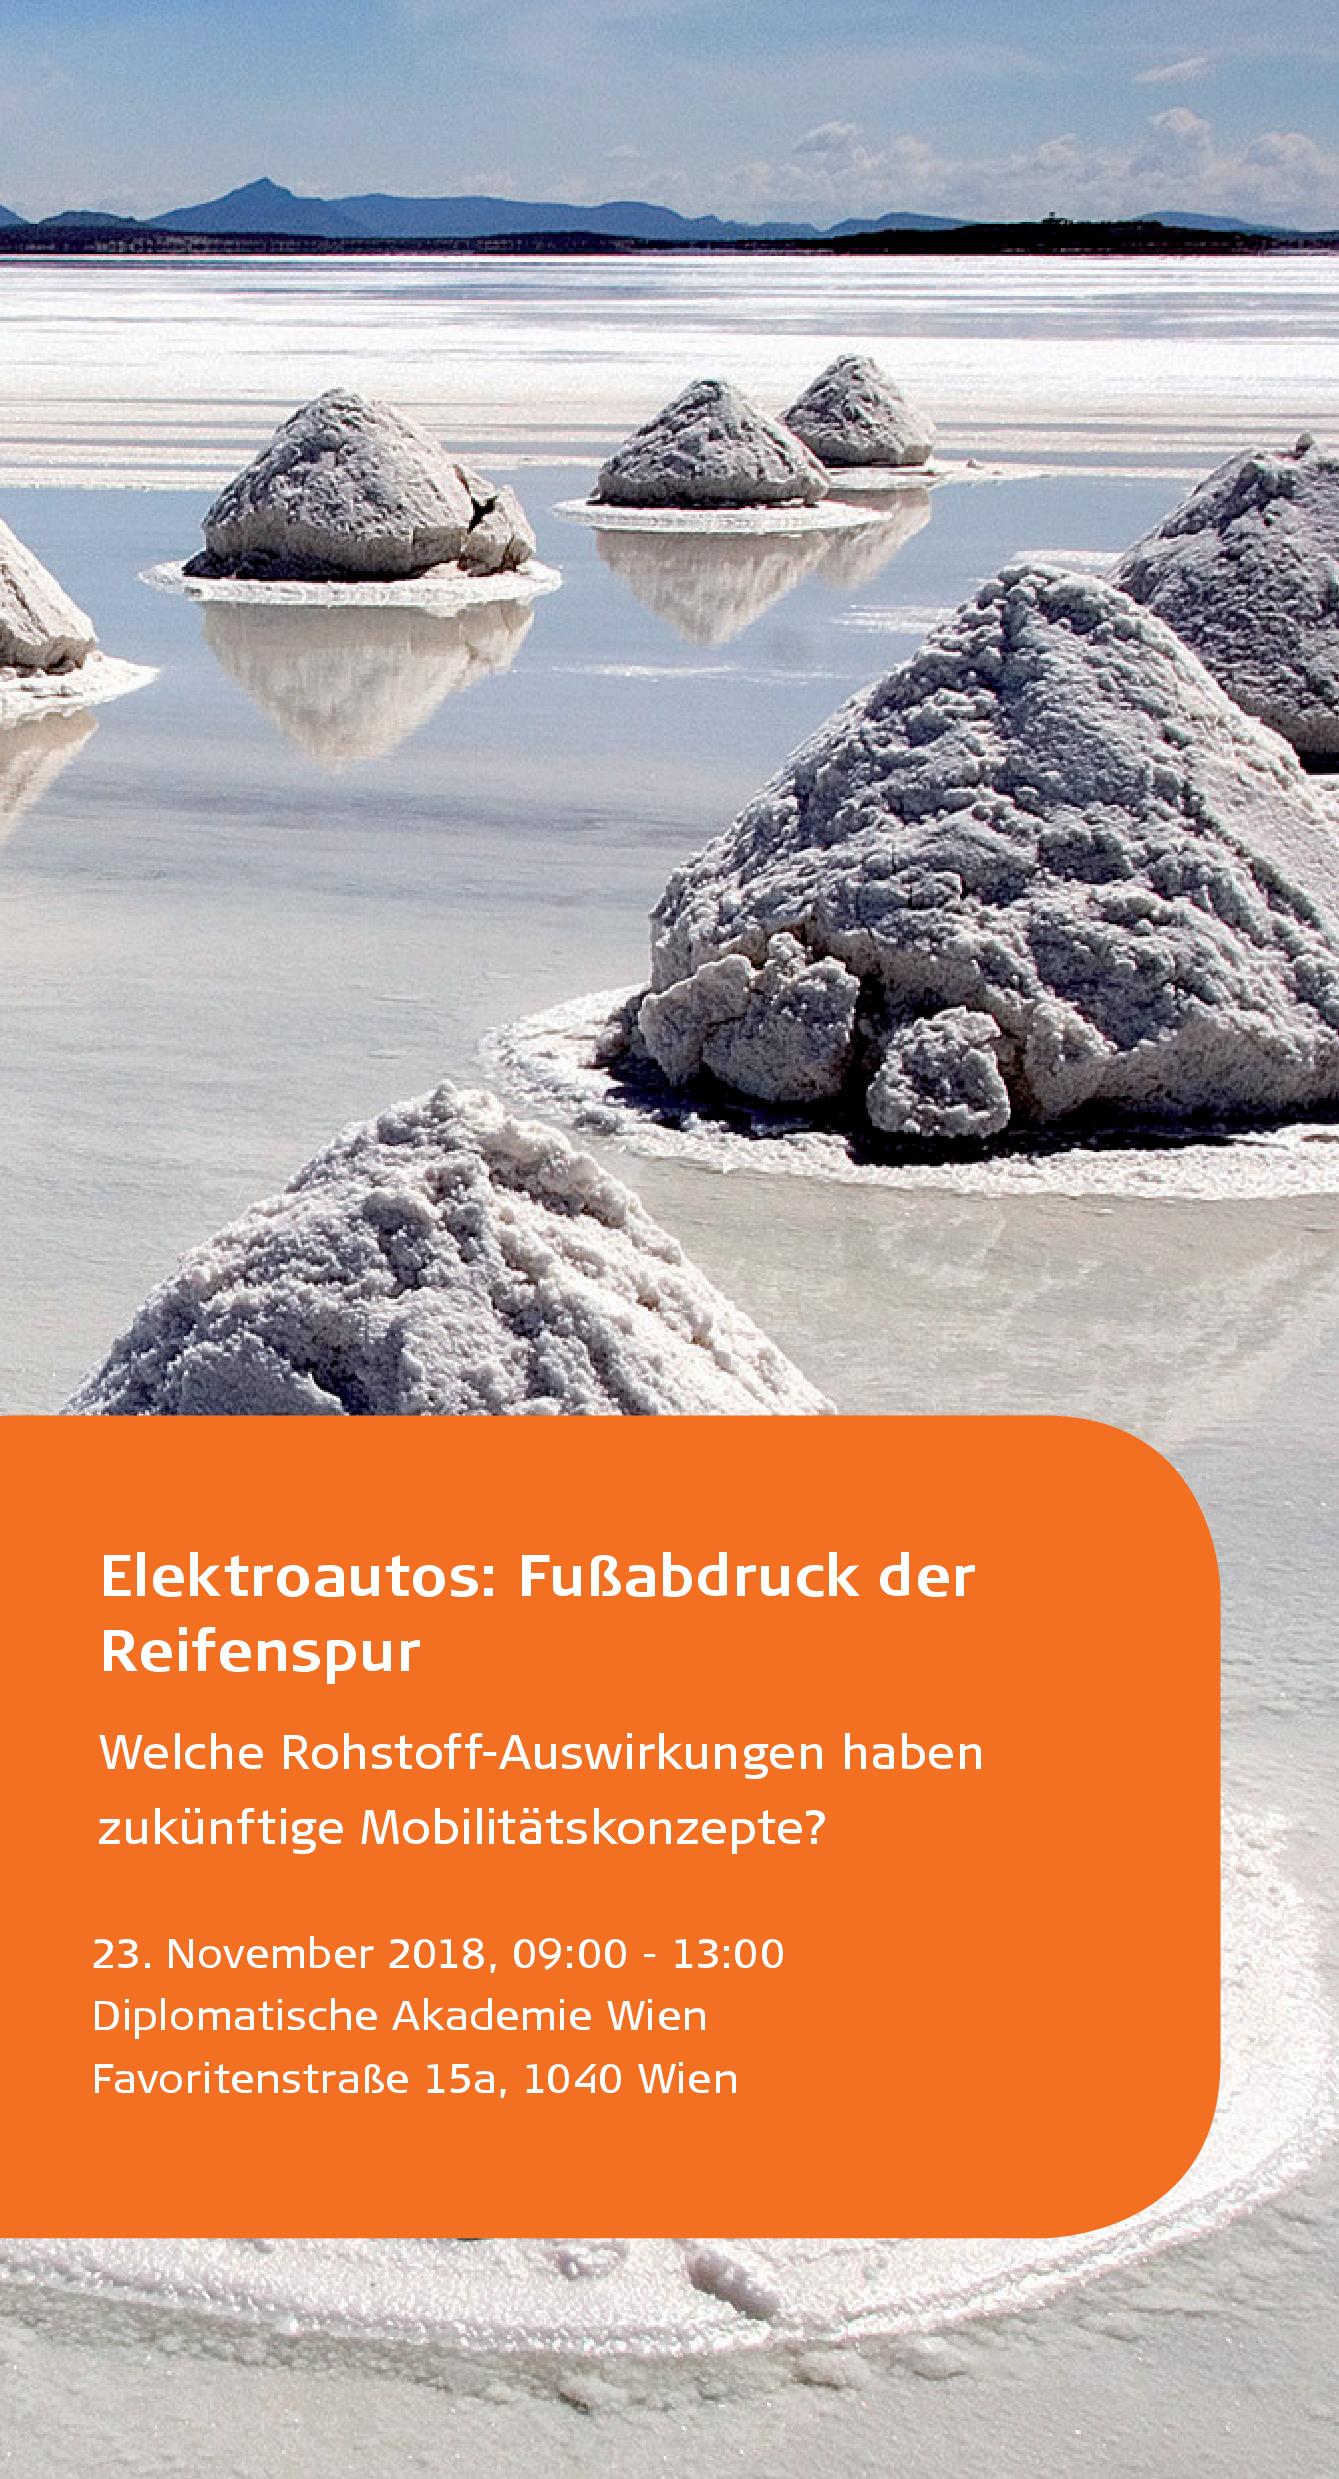 Einladung: Elektroautos - Fußabdruck der Reifenspur